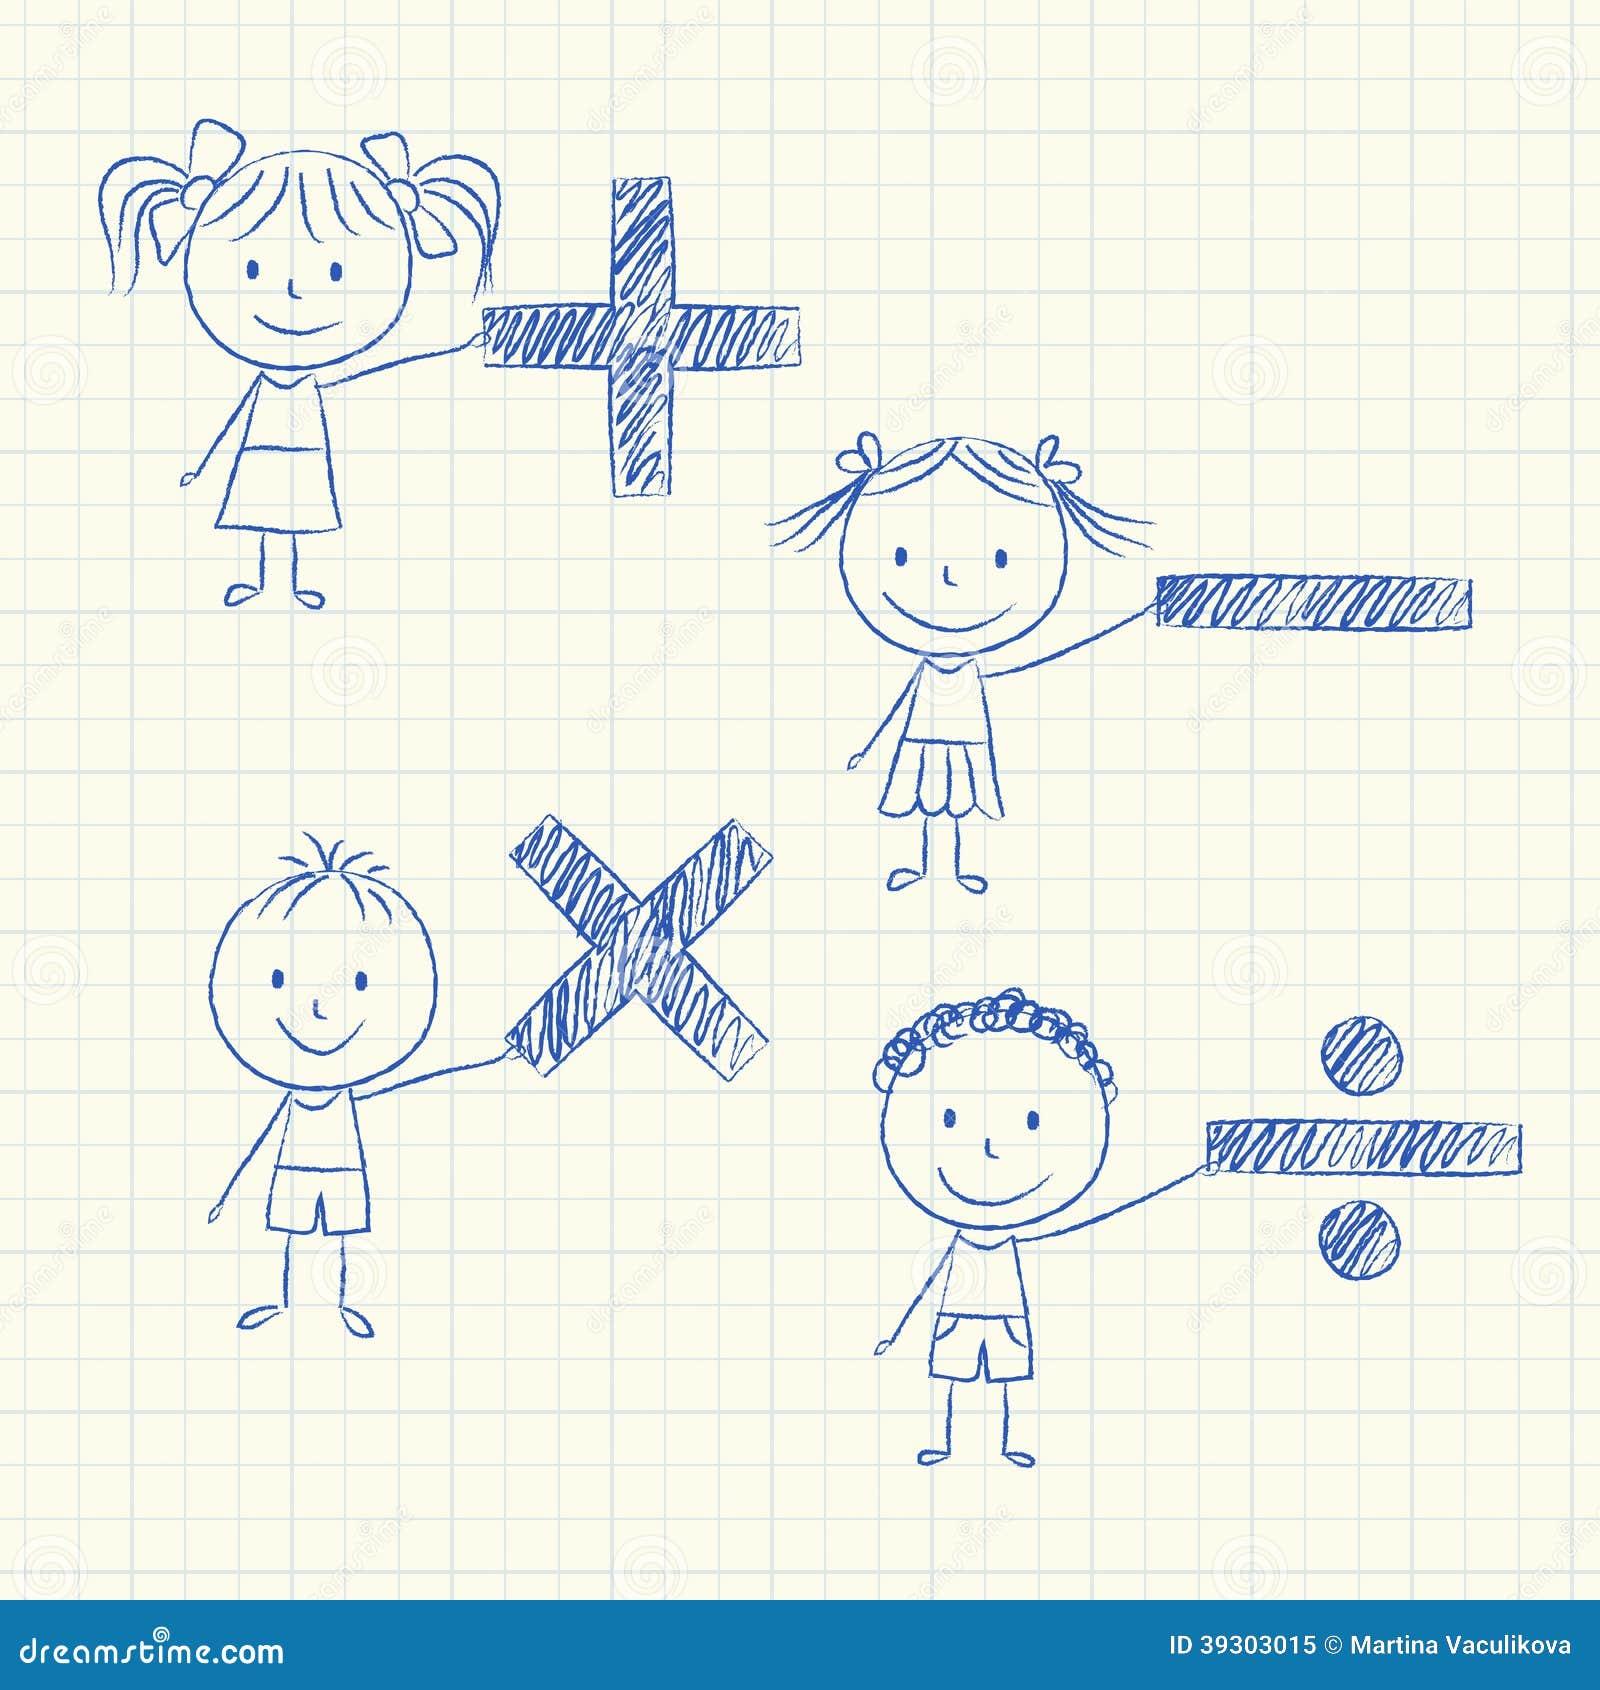 数学符����9�$9�9f�j_拿着数学符号-粉笔画的孩子的例证.